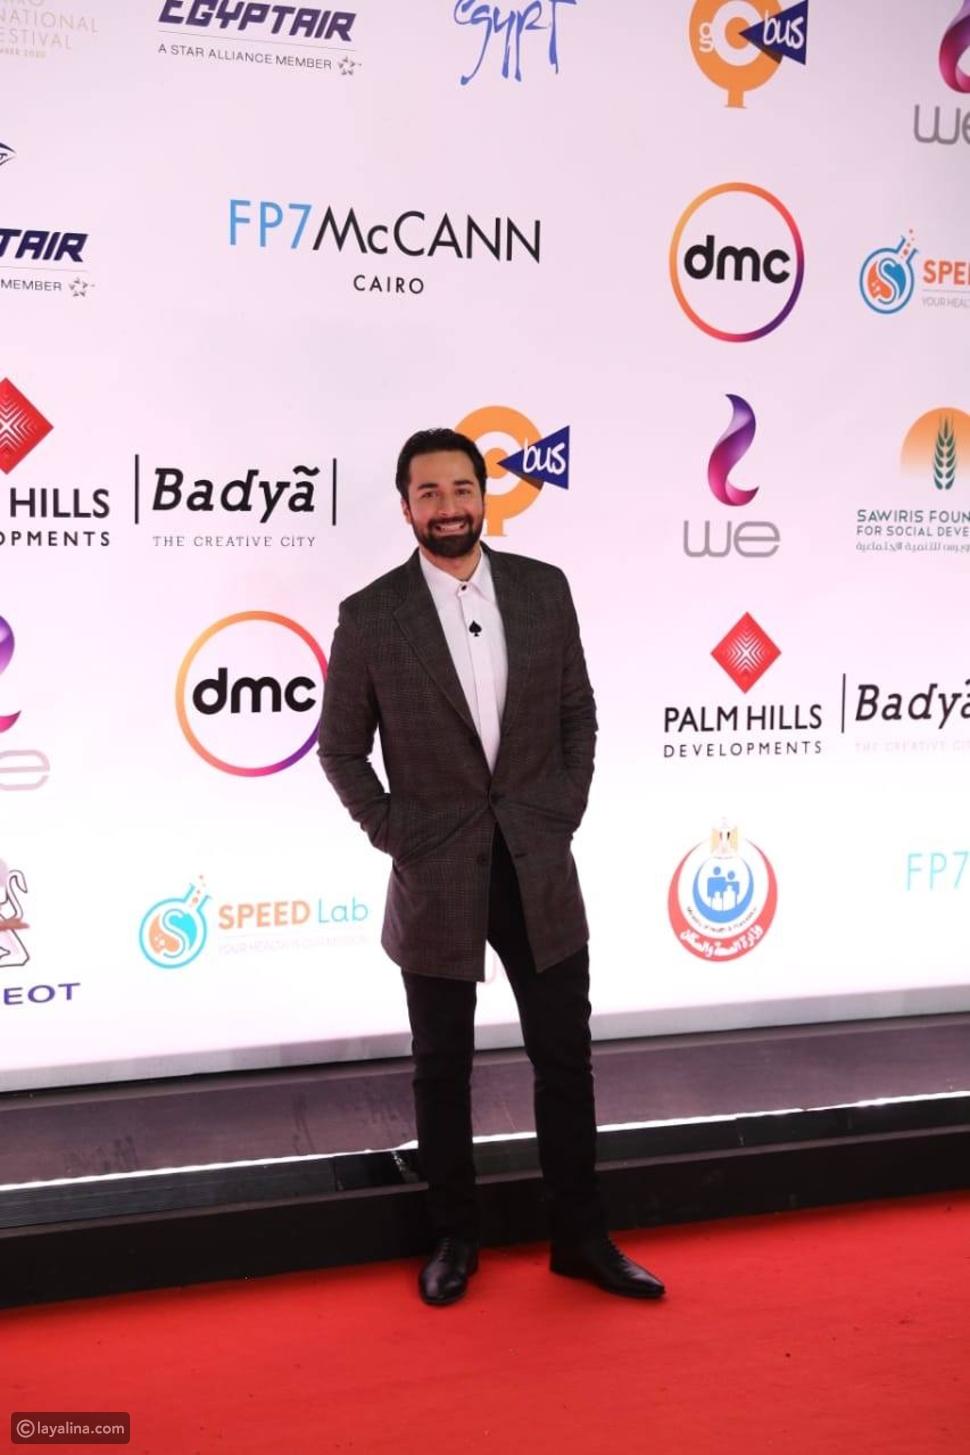 إطلالات المشاهير الرجال في حفل ختام مهرجان القاهرة 2020: عاشق وجريء!